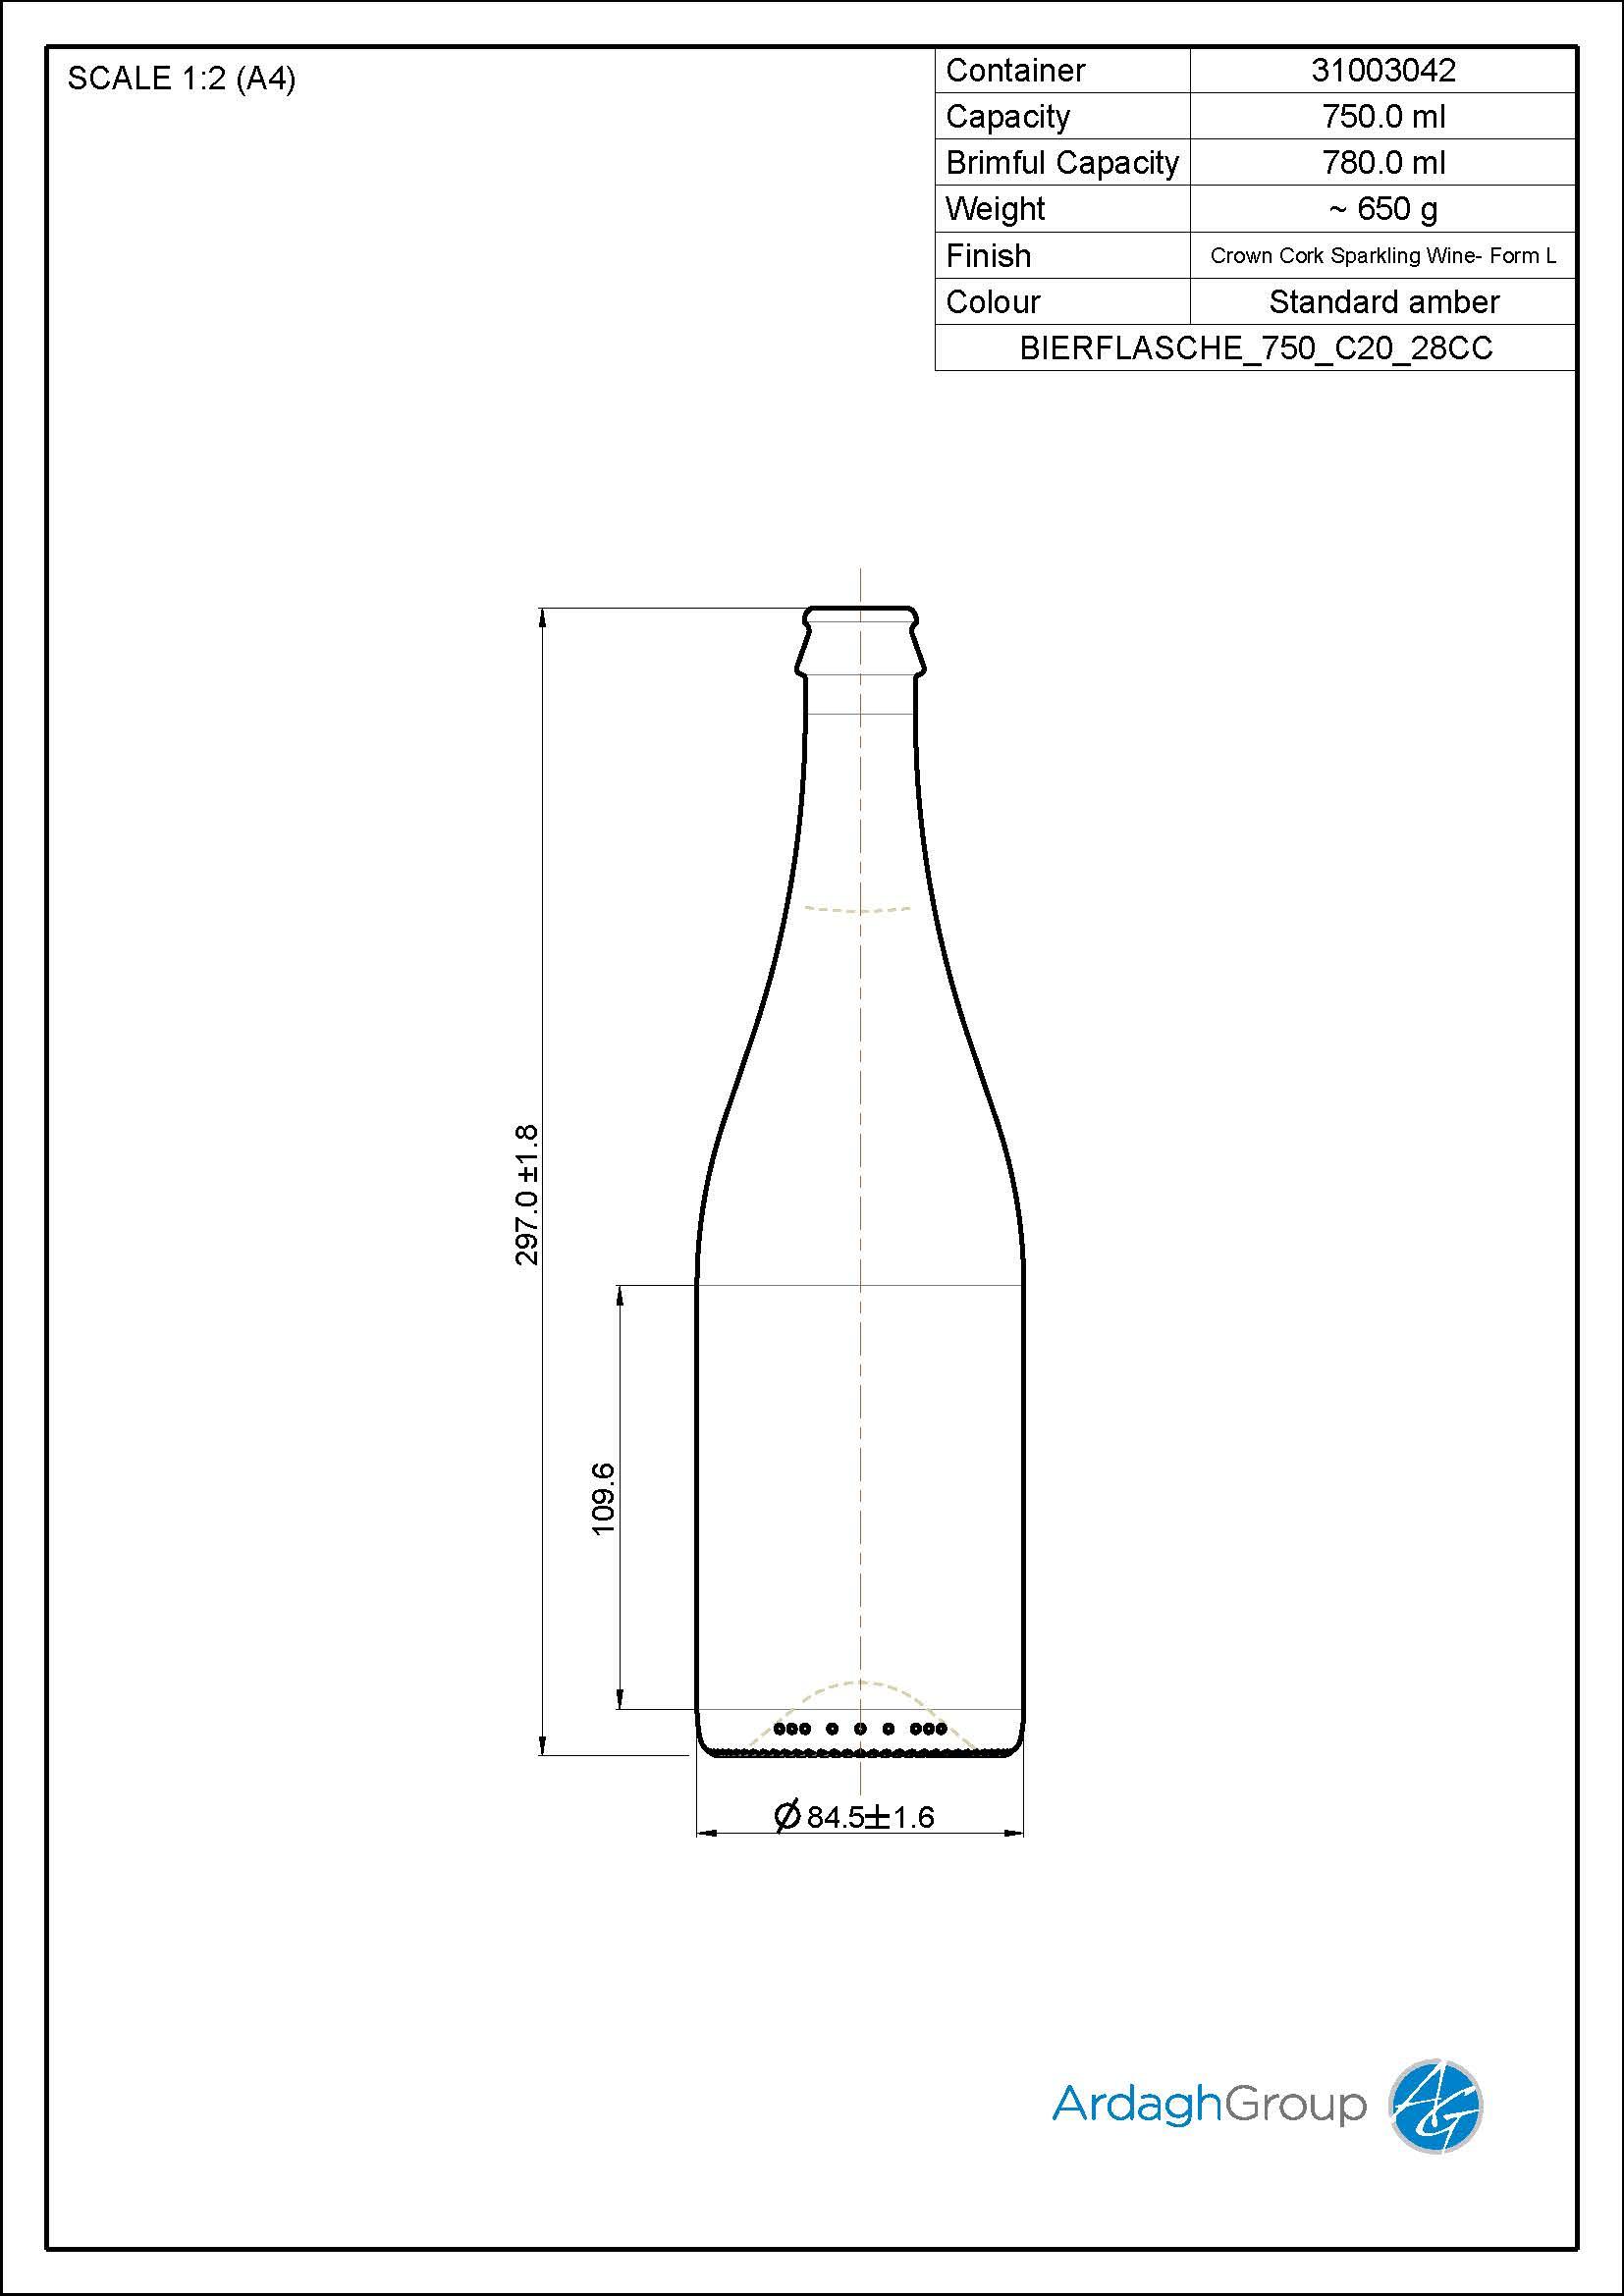 Bierflasche_750_CXX_28CC